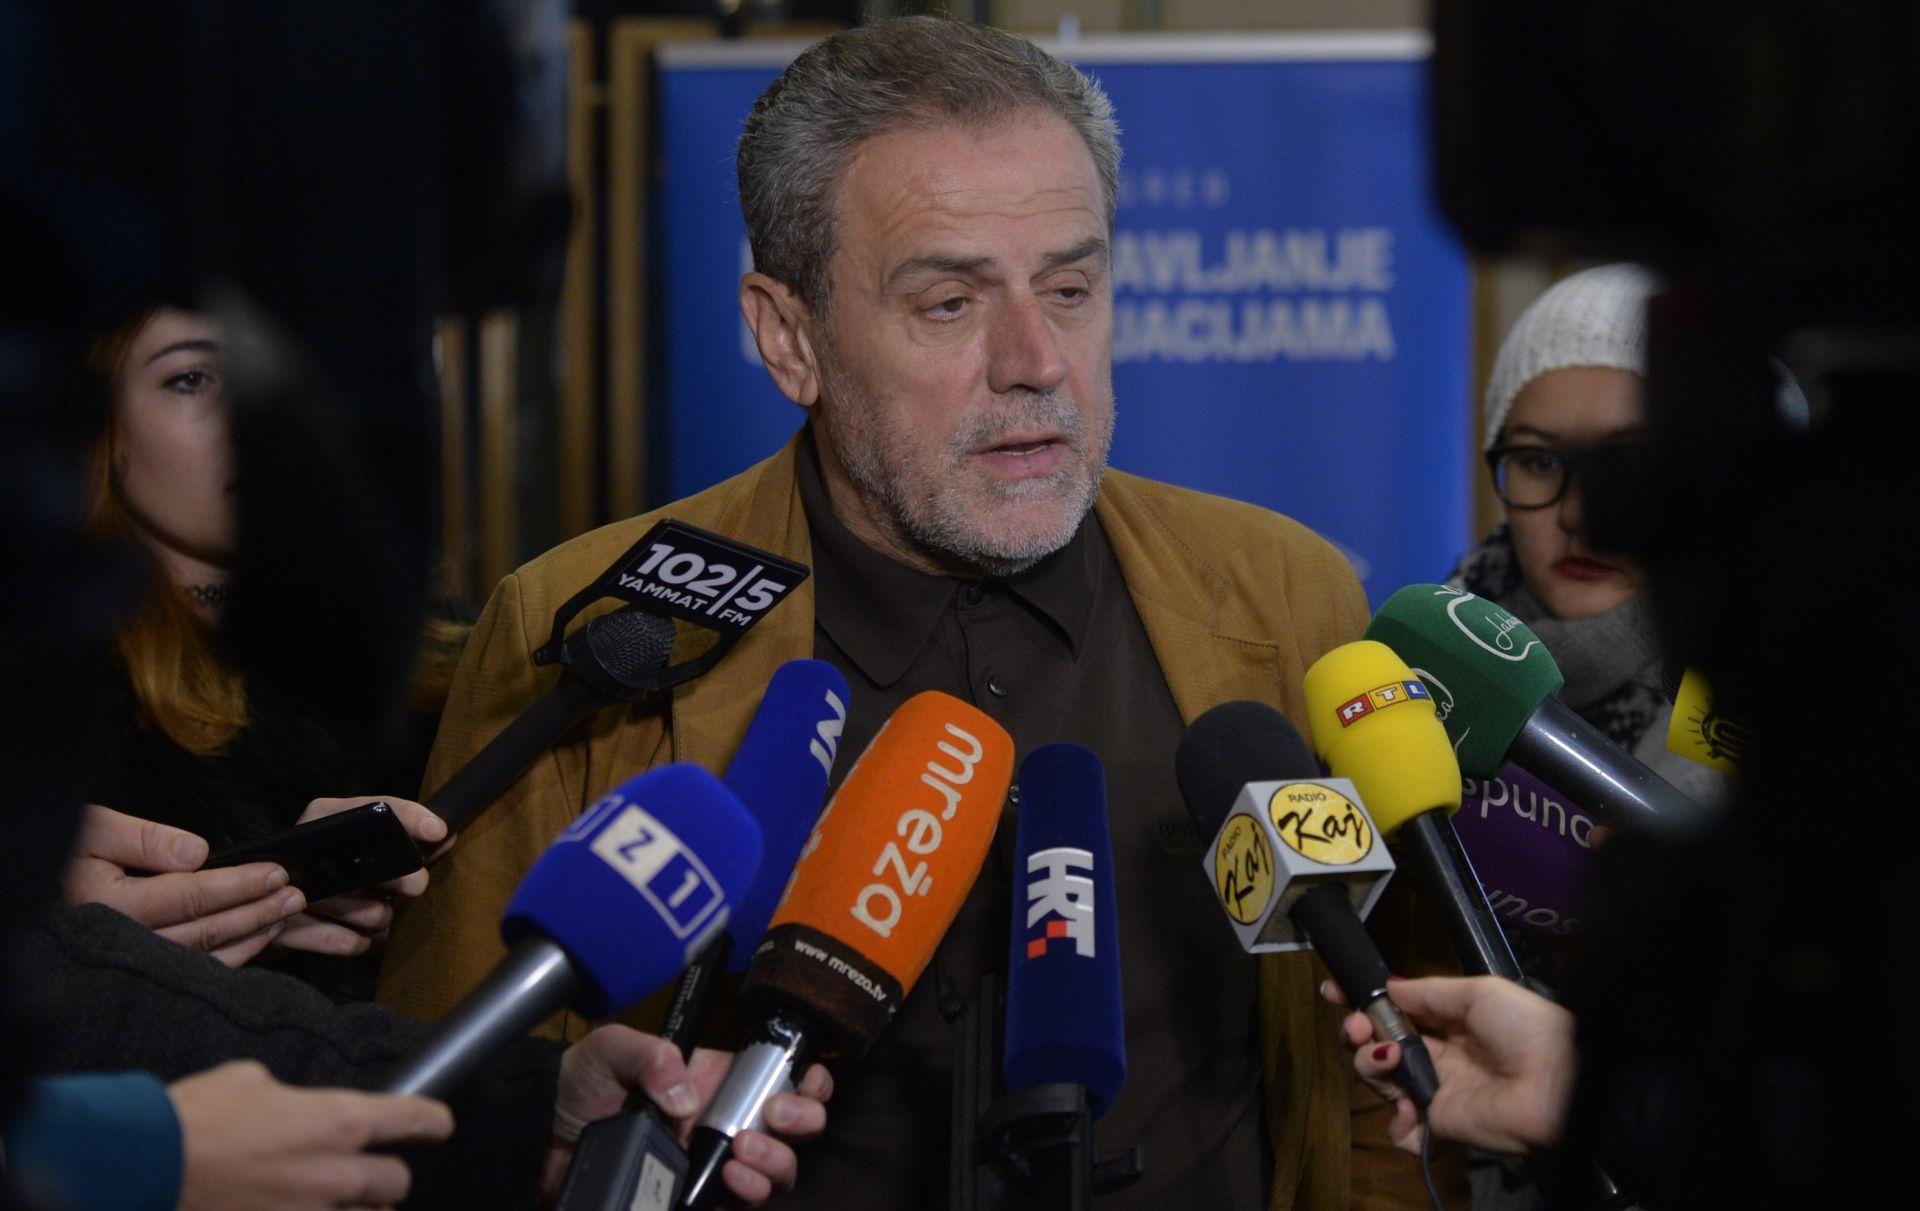 Bandić opet nije htio reći koga će podržati za mandatara